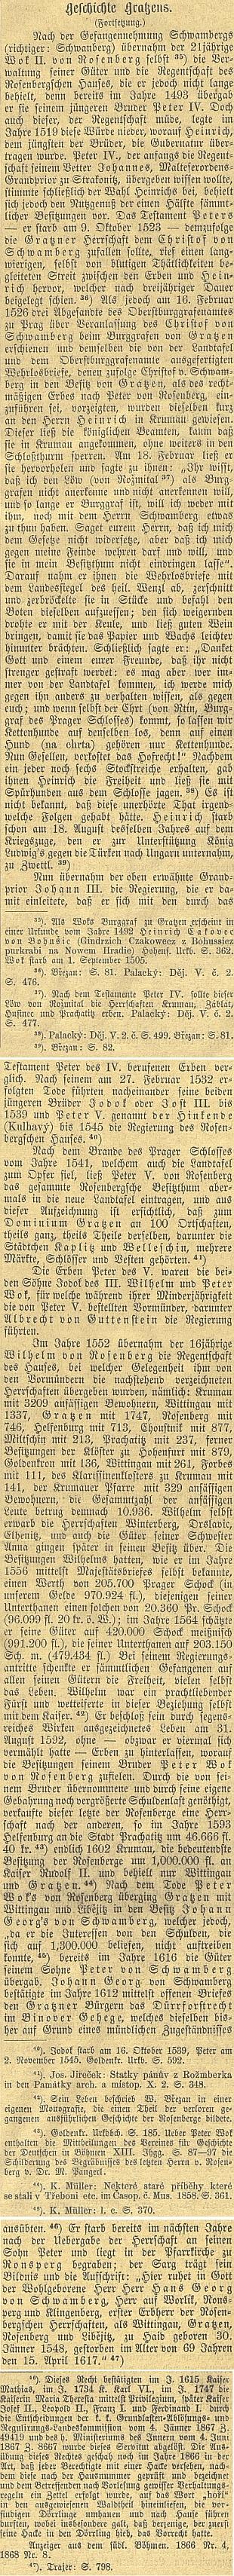 Závěr textu  Karla Köpla na strankách českobudějovického německého listu z cyklu ohistorii Nových Hradů